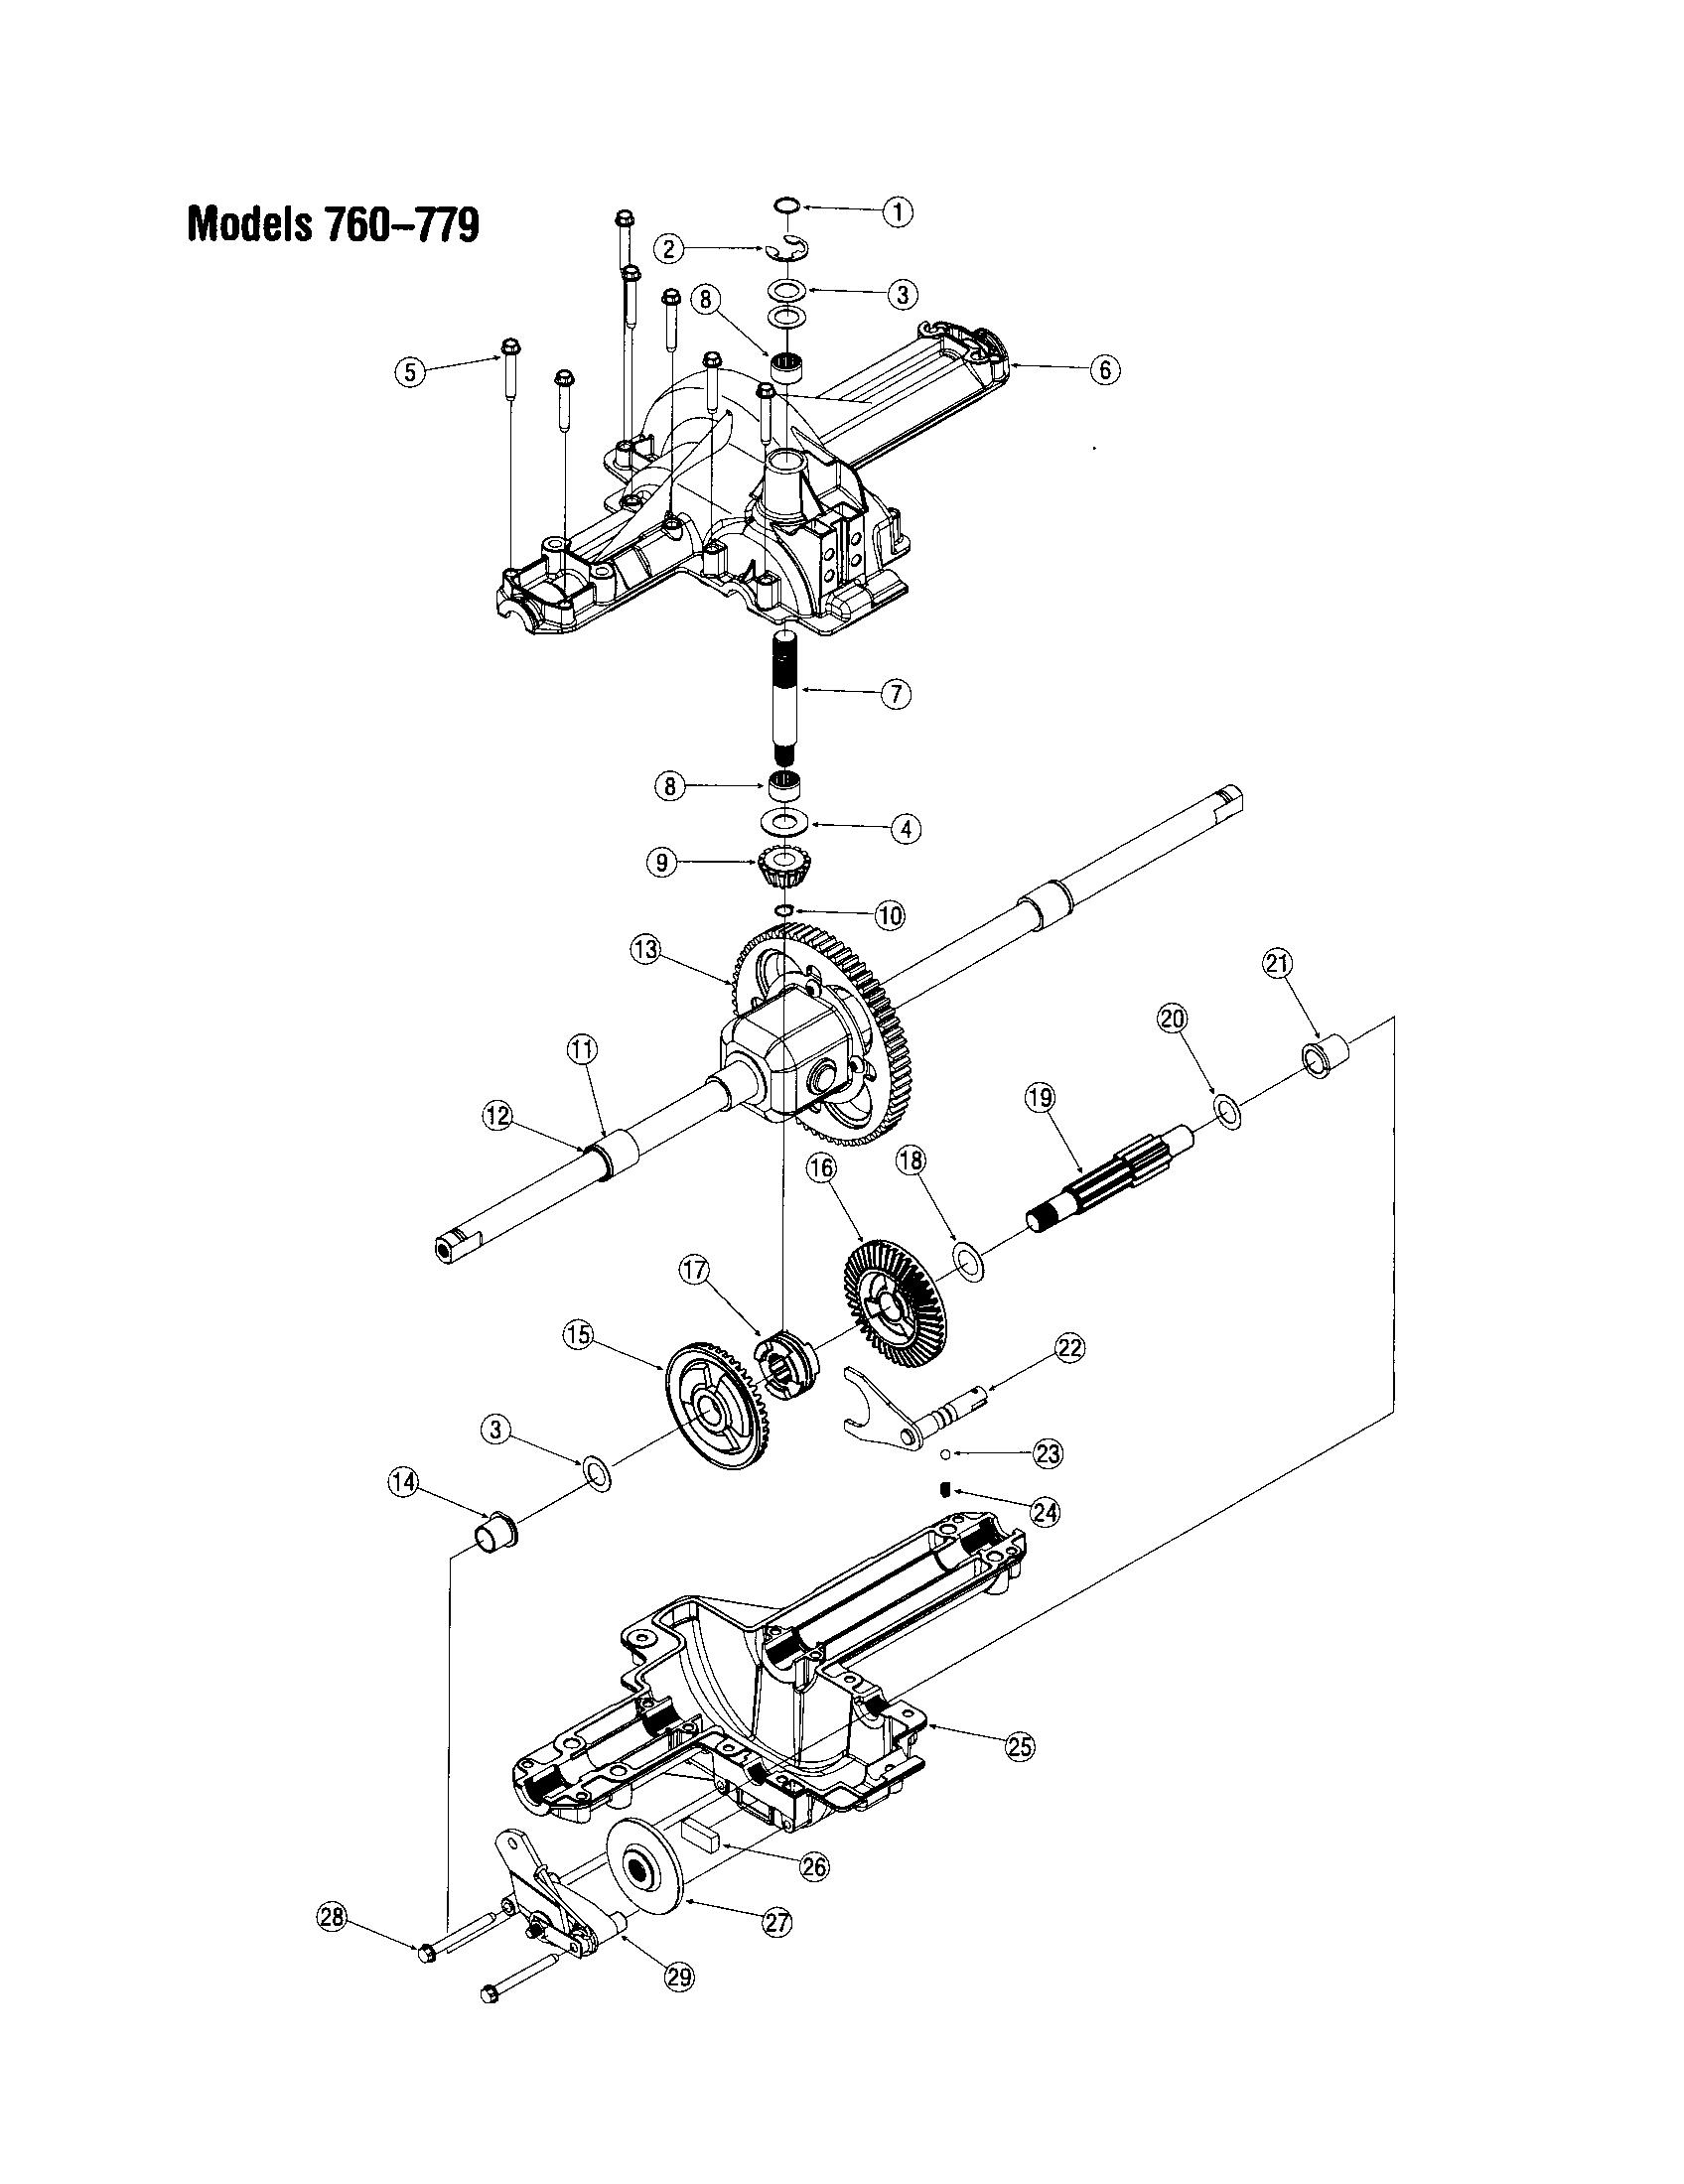 HOUSING/BRAKE 760-779 Diagram & Parts List for Model 760